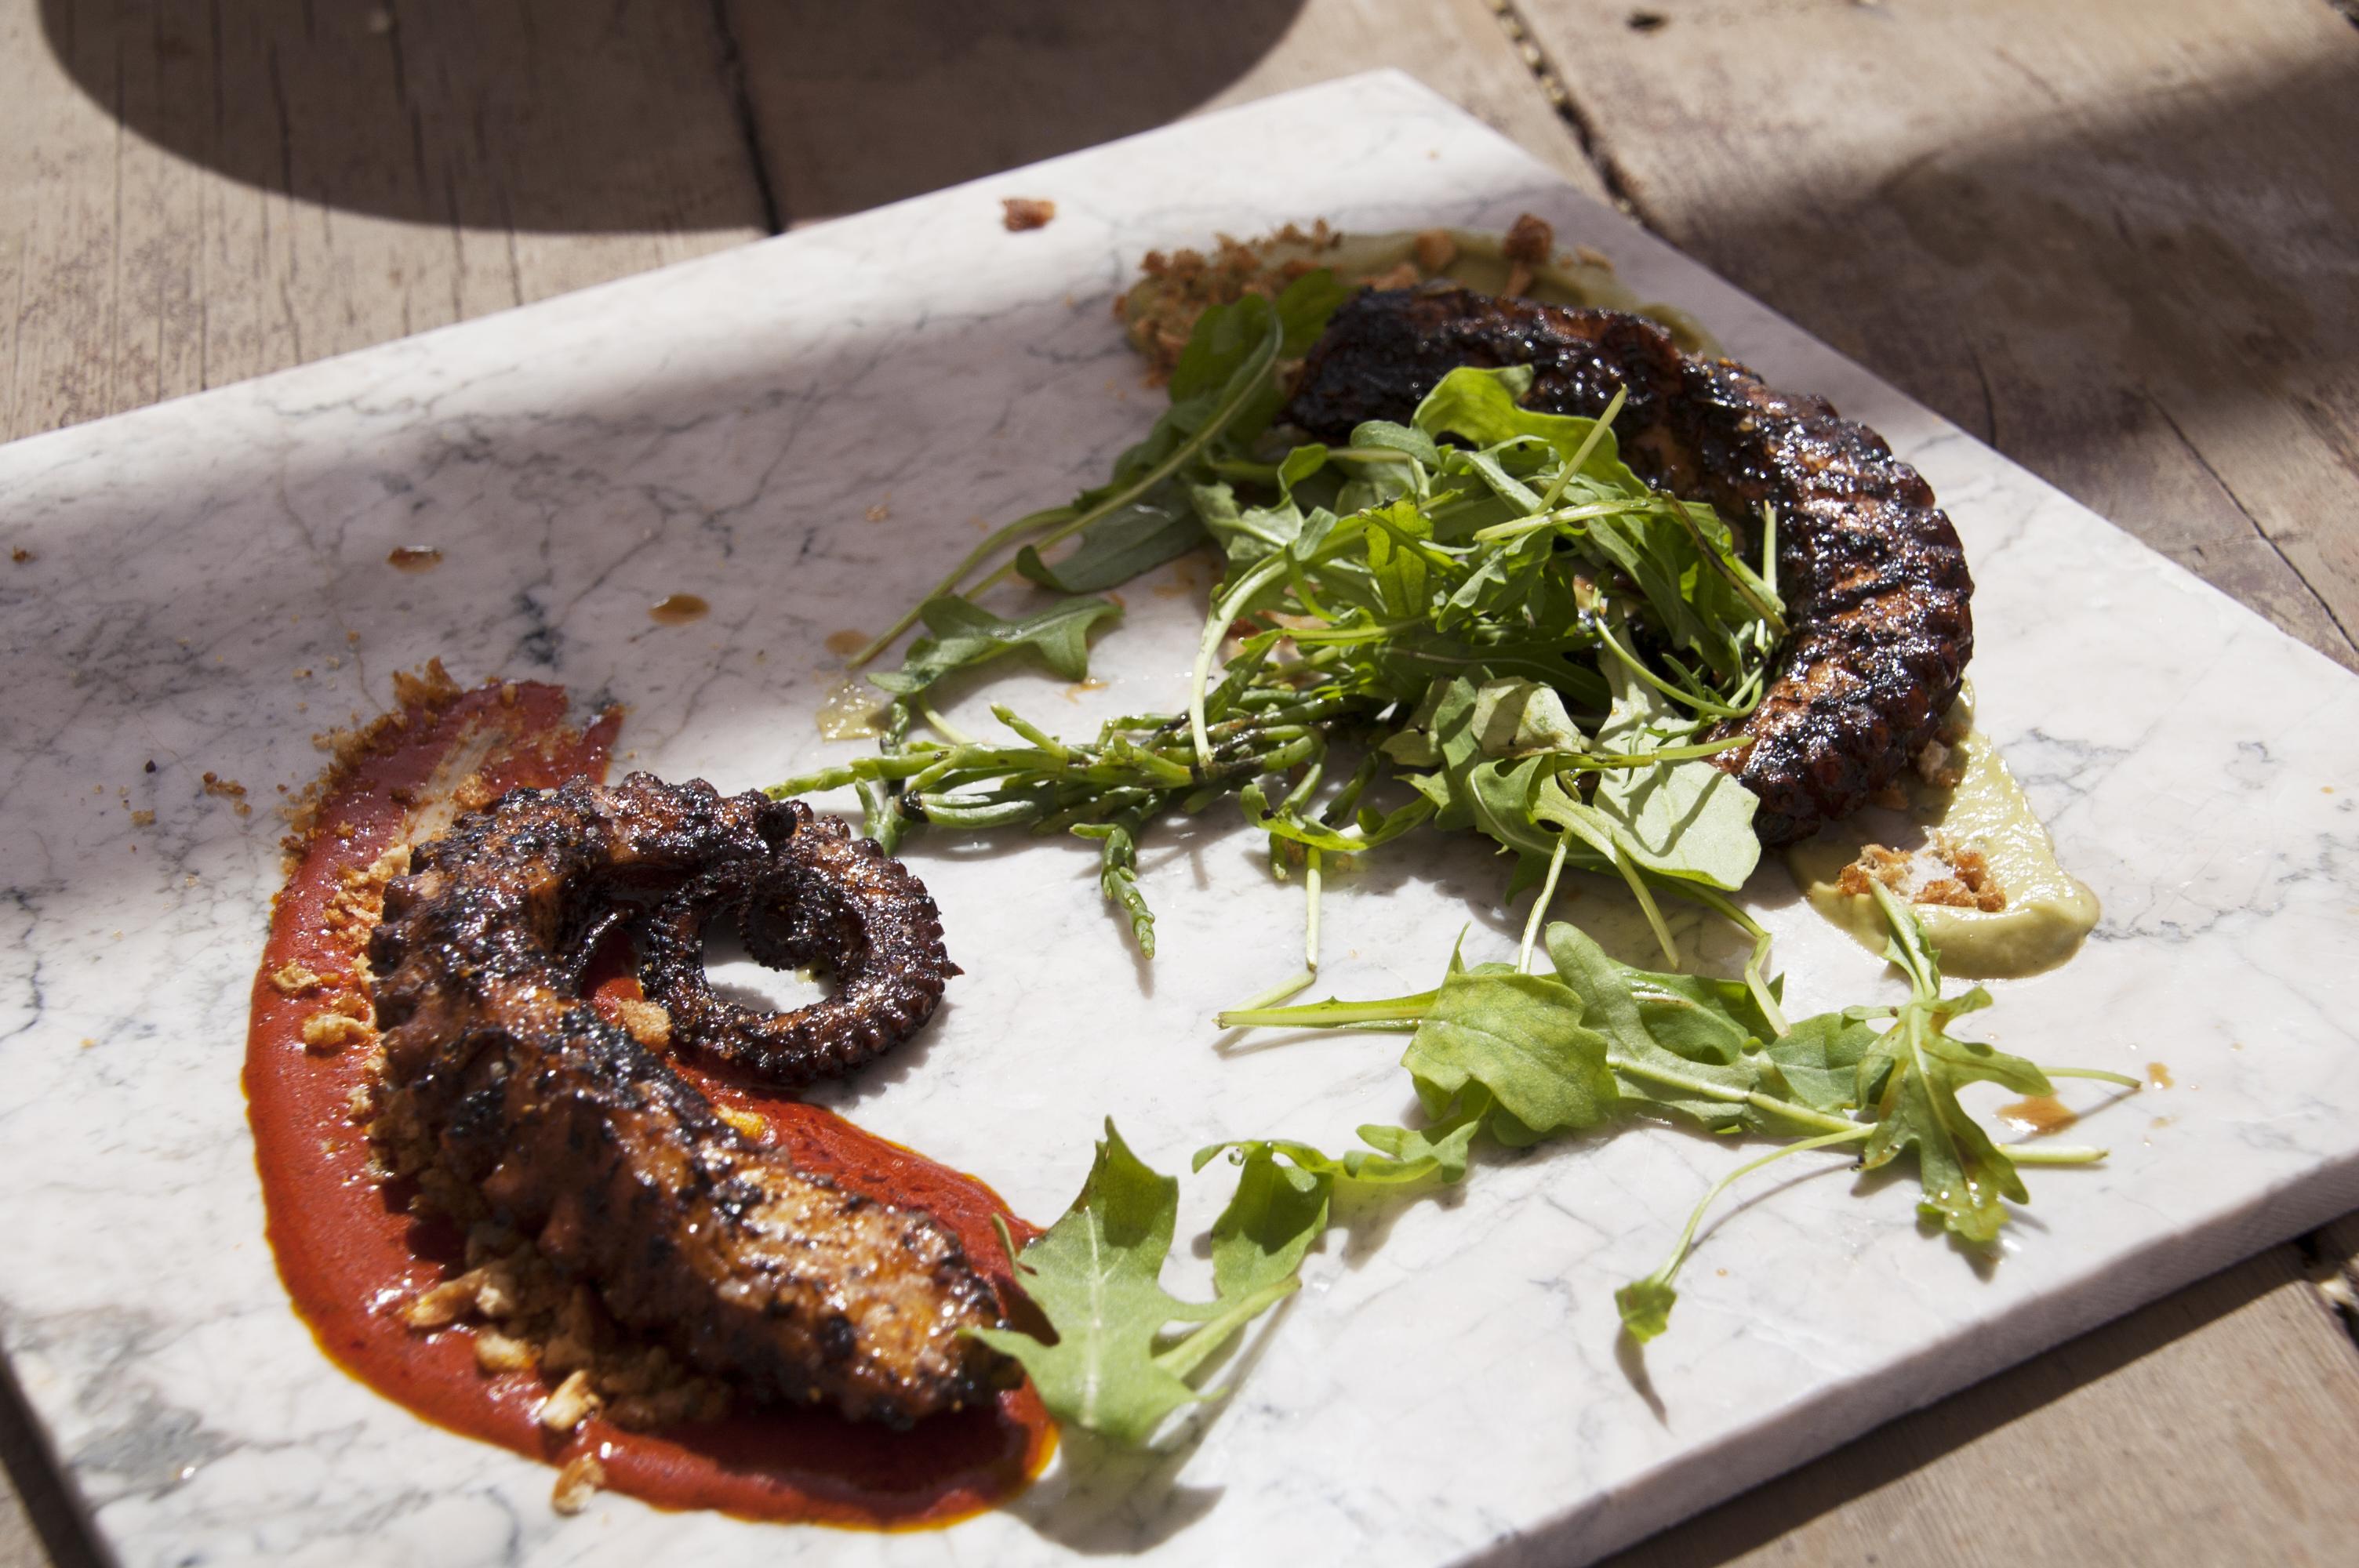 New Valle de Guadalupe Restaurants Combine Local Ingredients, Creativity, Love